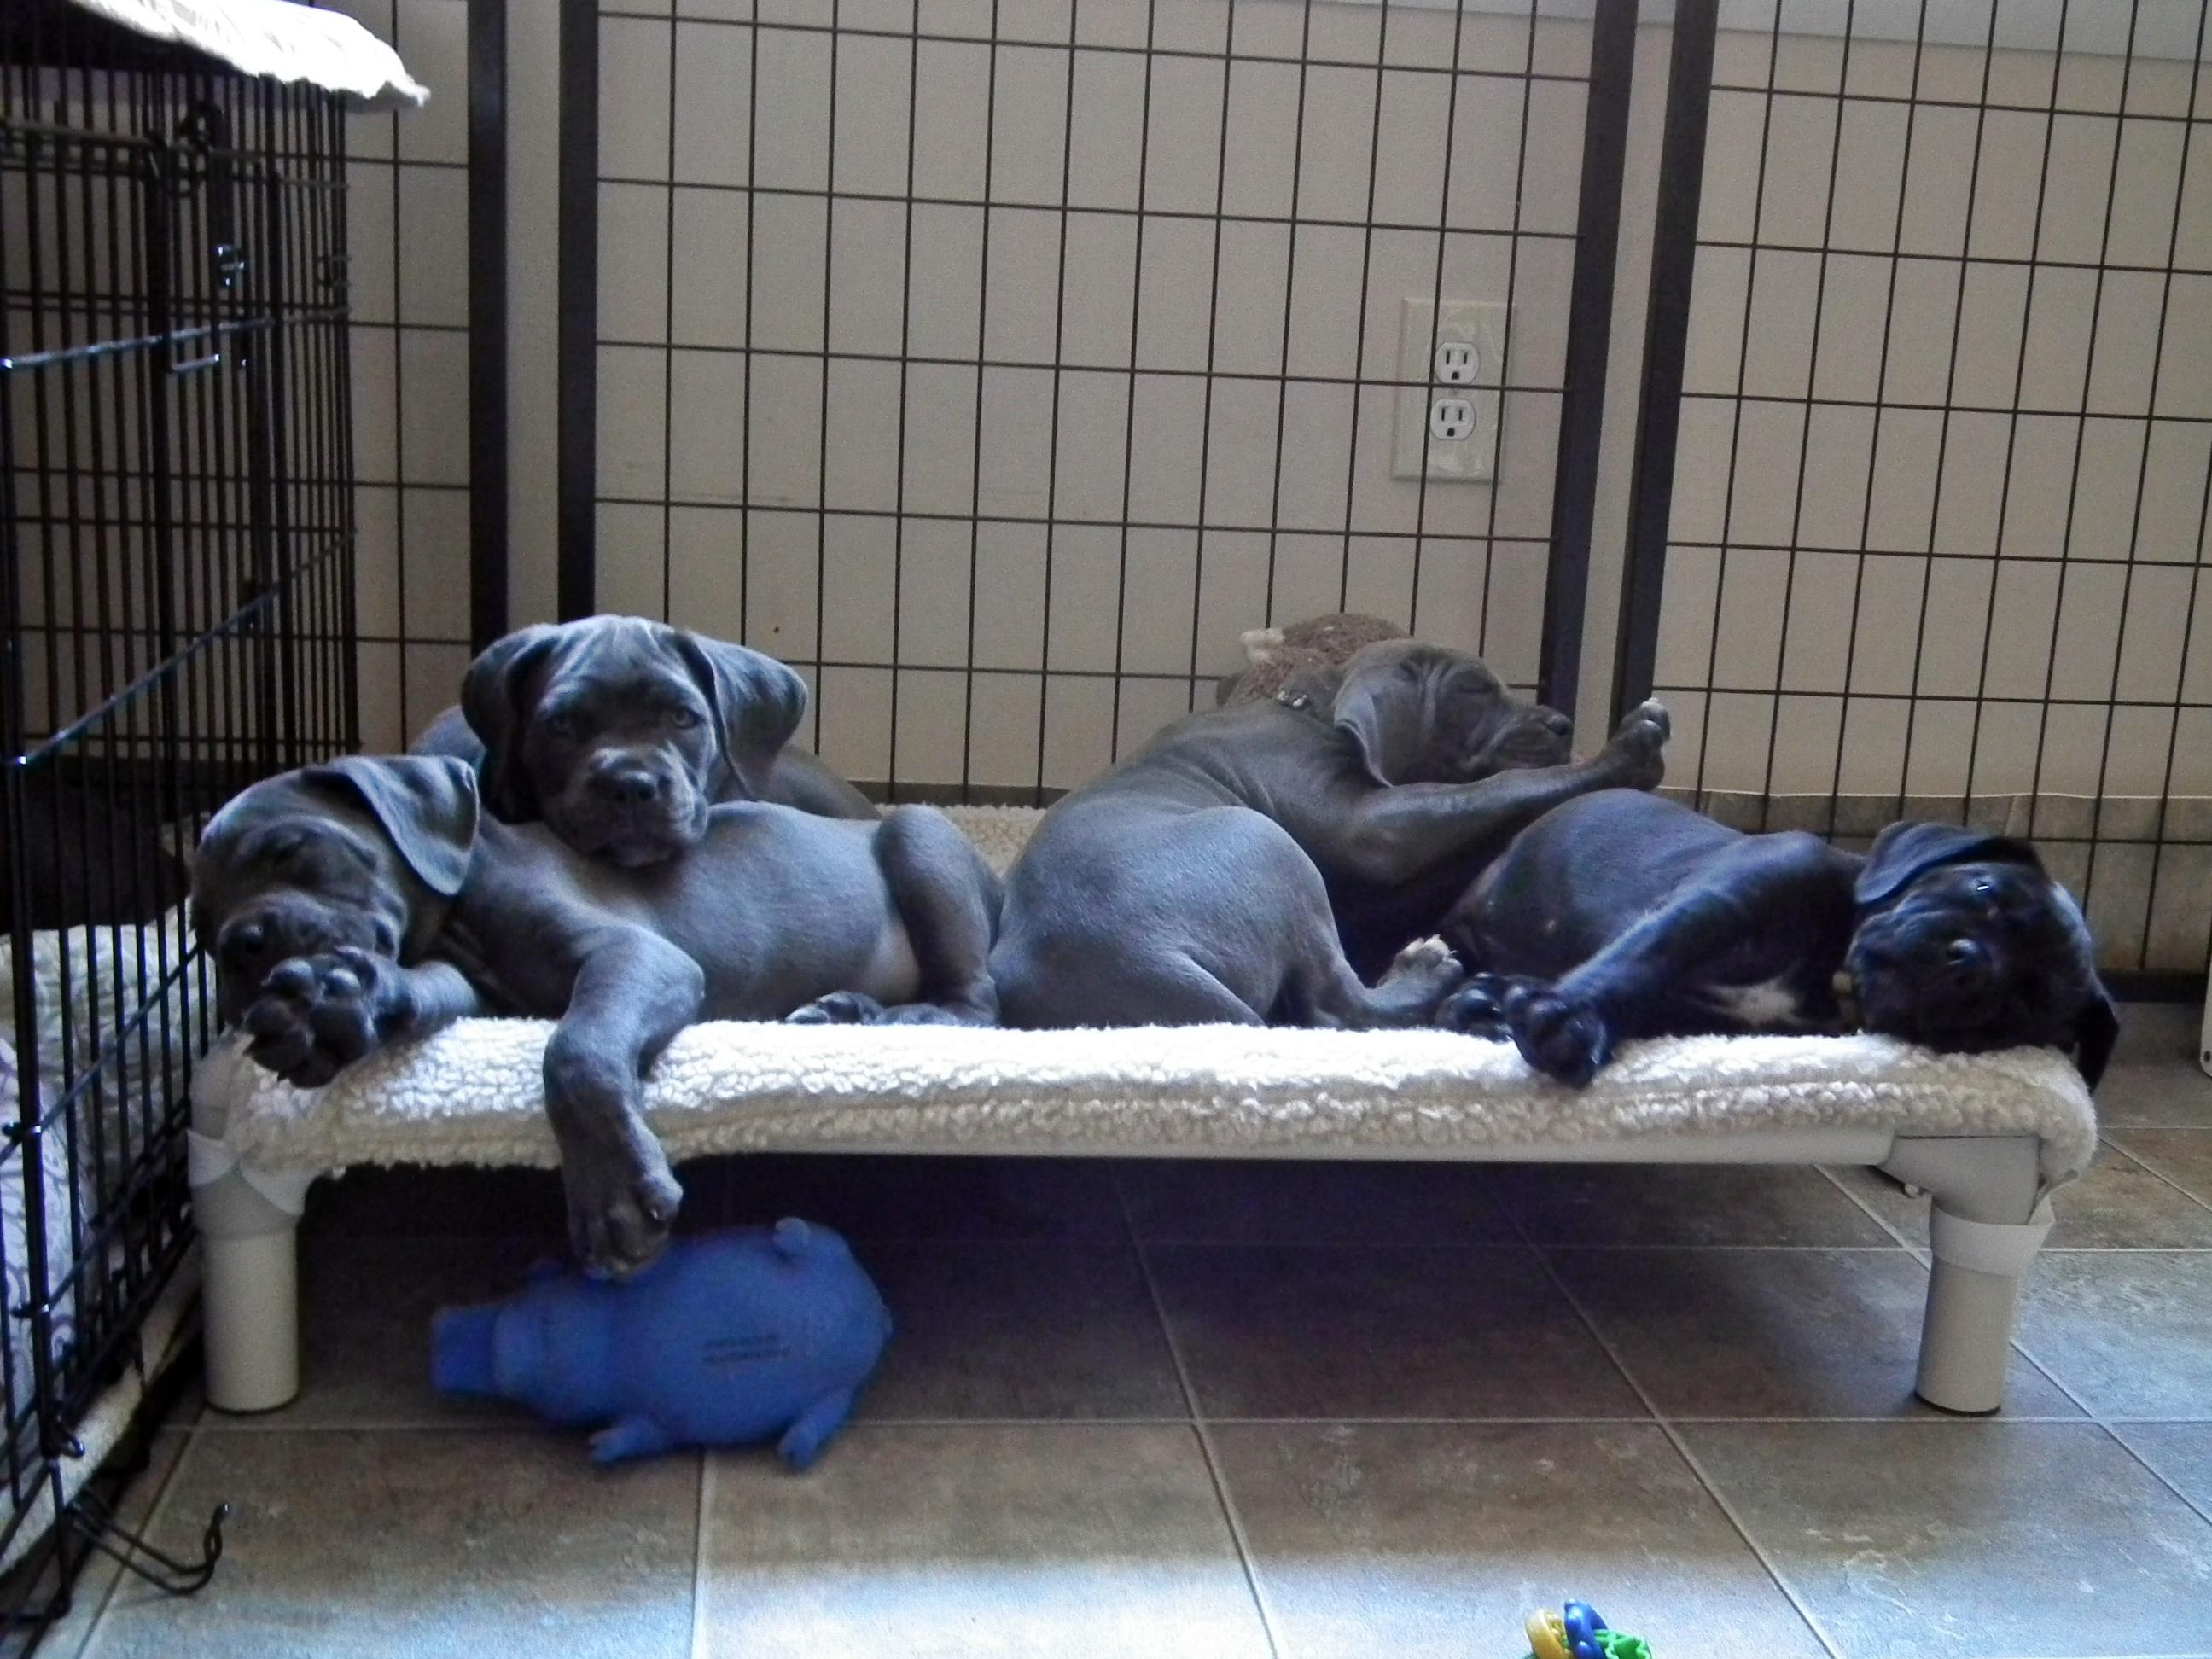 Cane Corso puppy pile